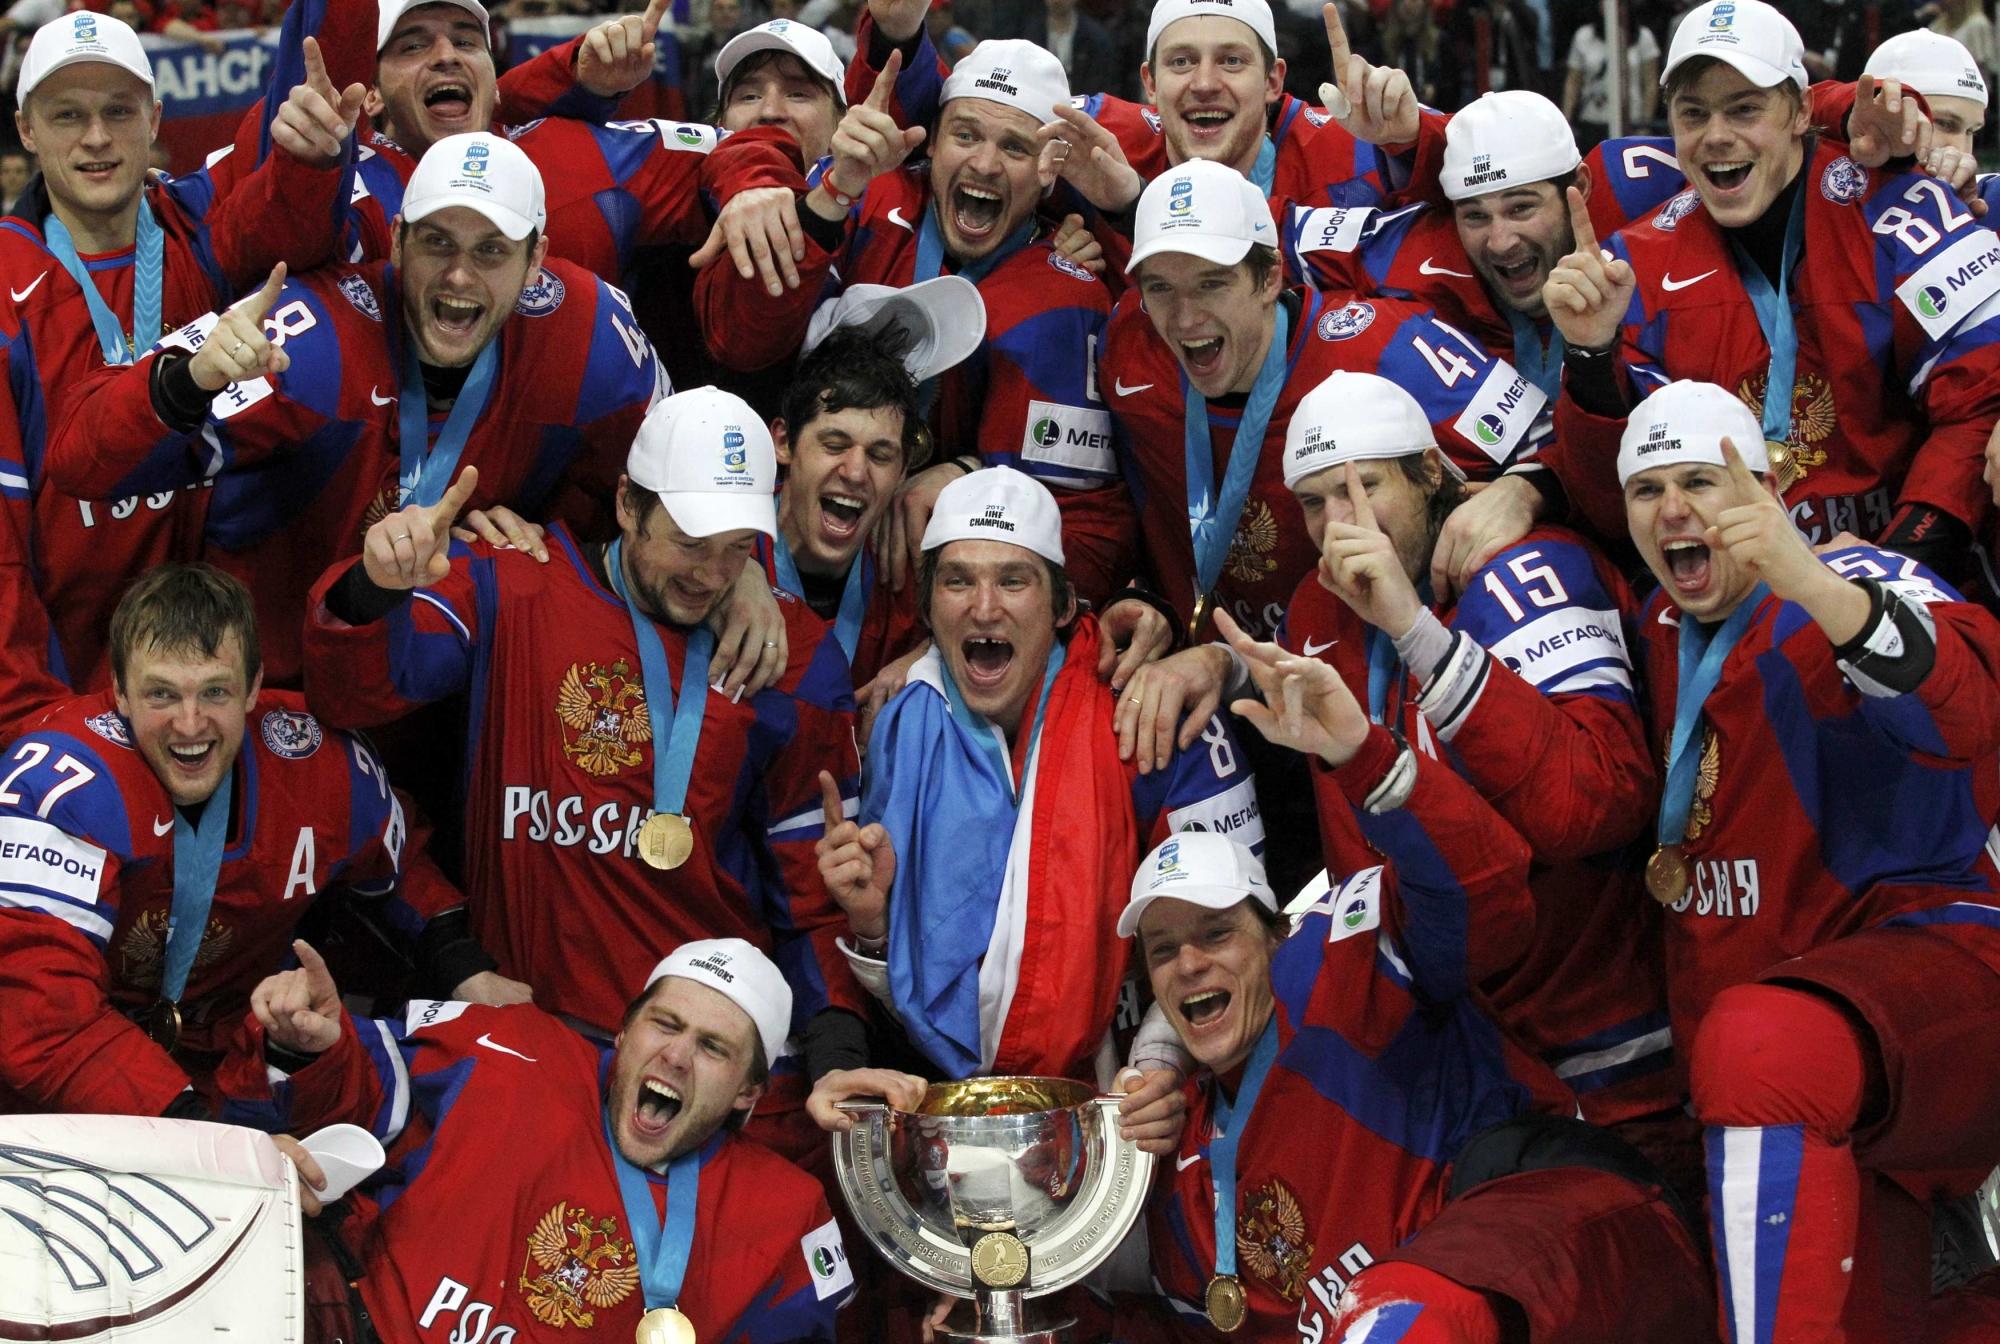 русские чемпионы хоккея фотострана произрастания